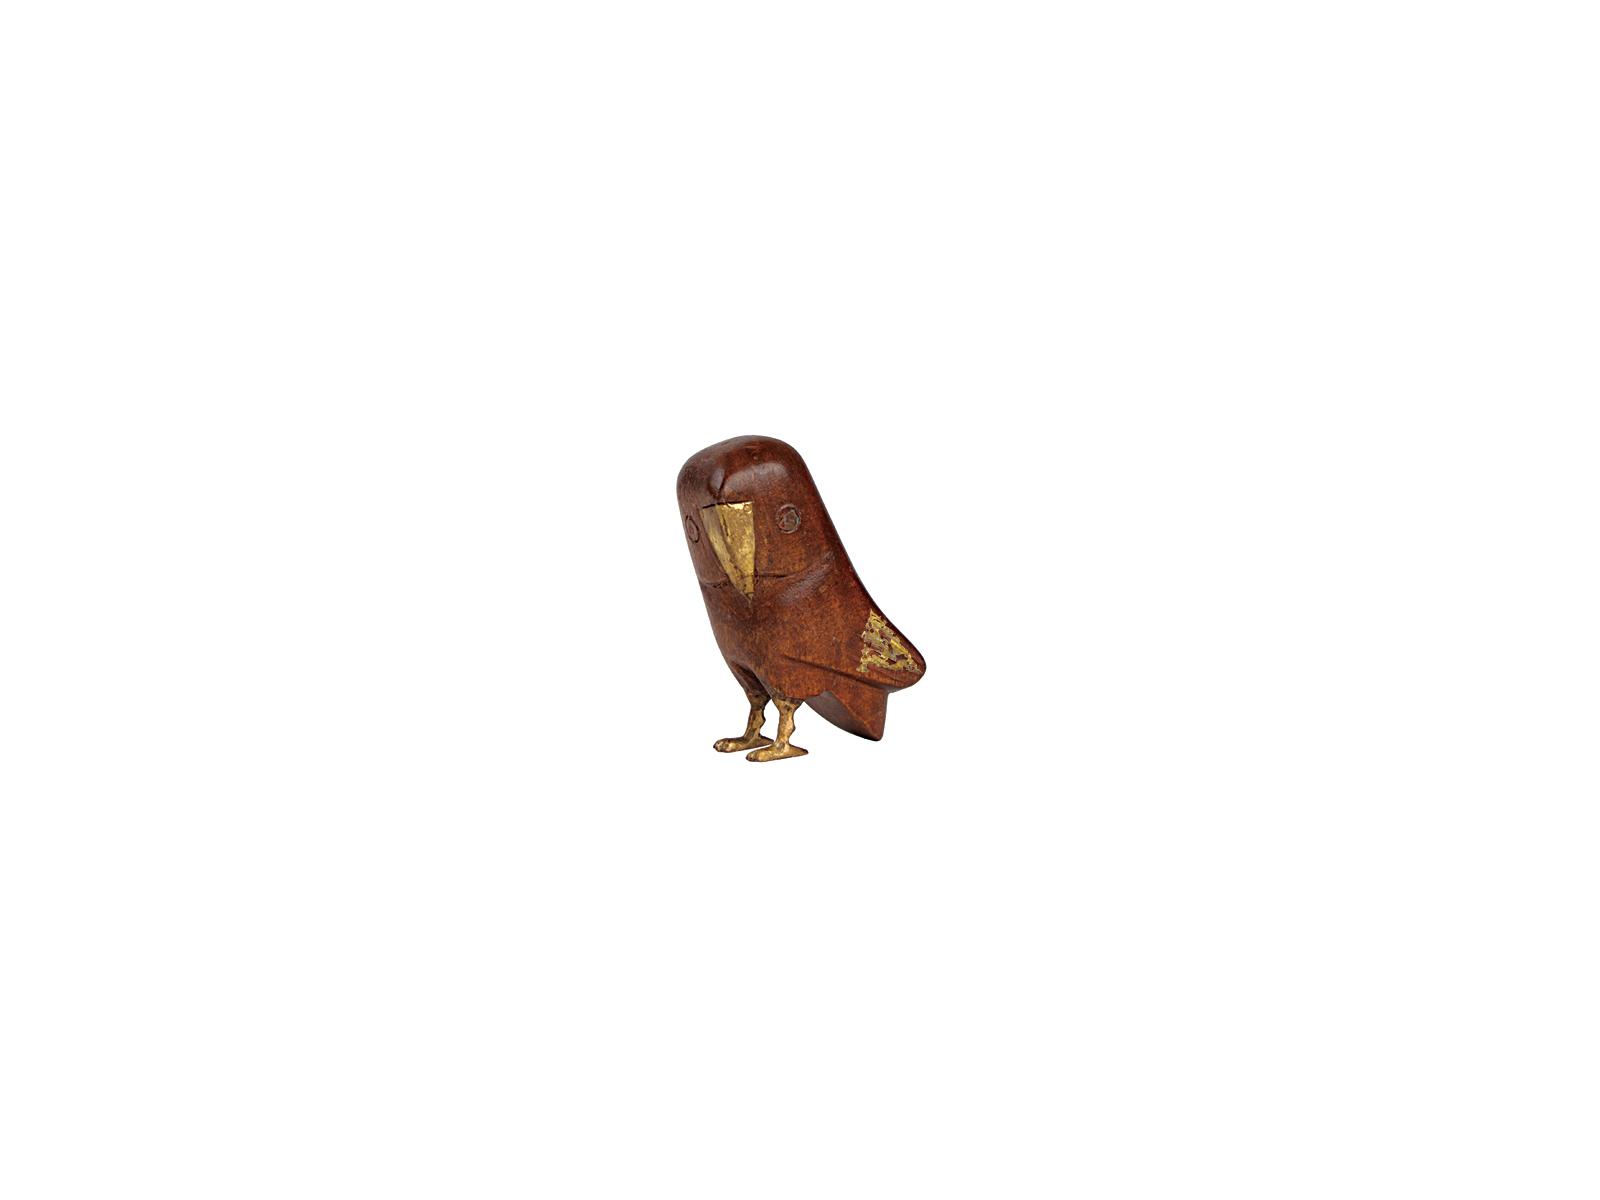 フクロウ(ブラウン小)